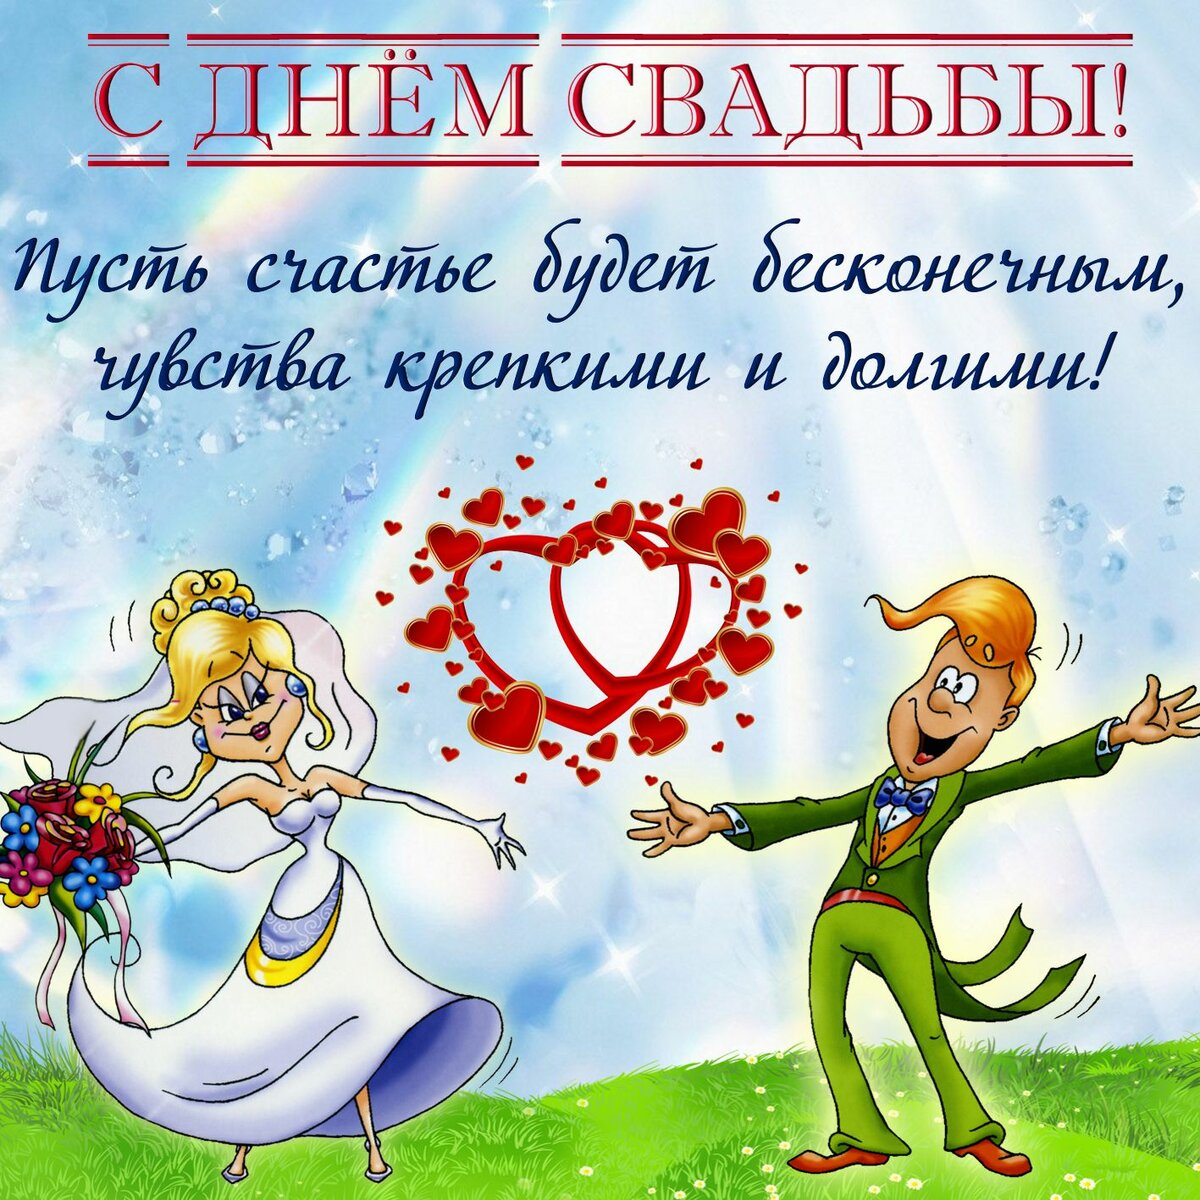 Поздравление для невесты со свадьбой и стихи